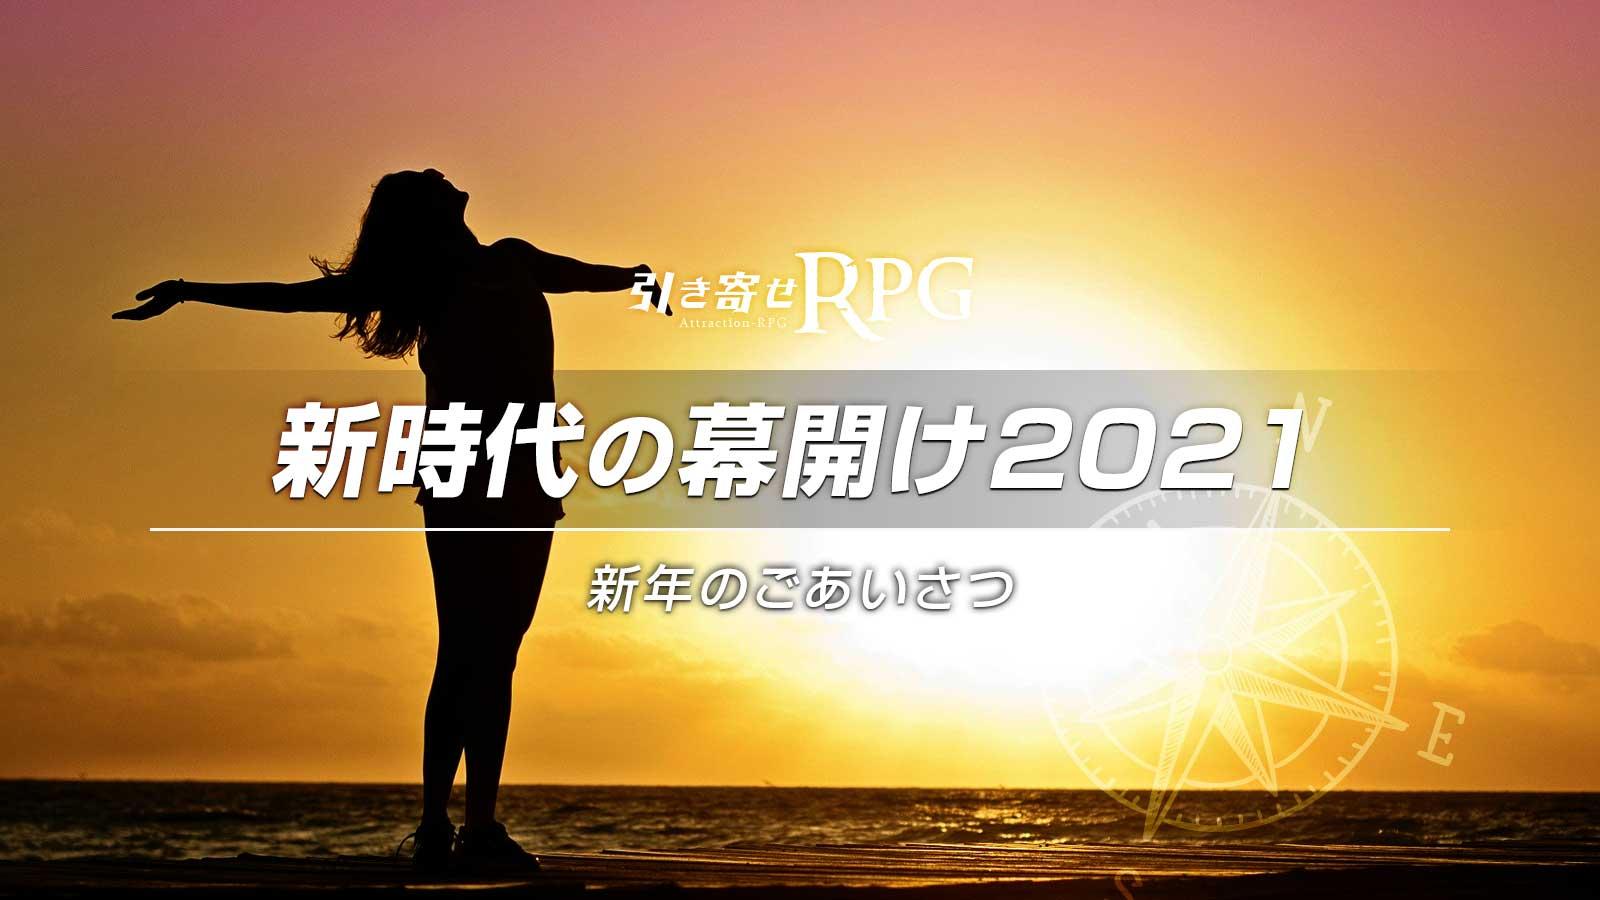 新時代の幕開け2021